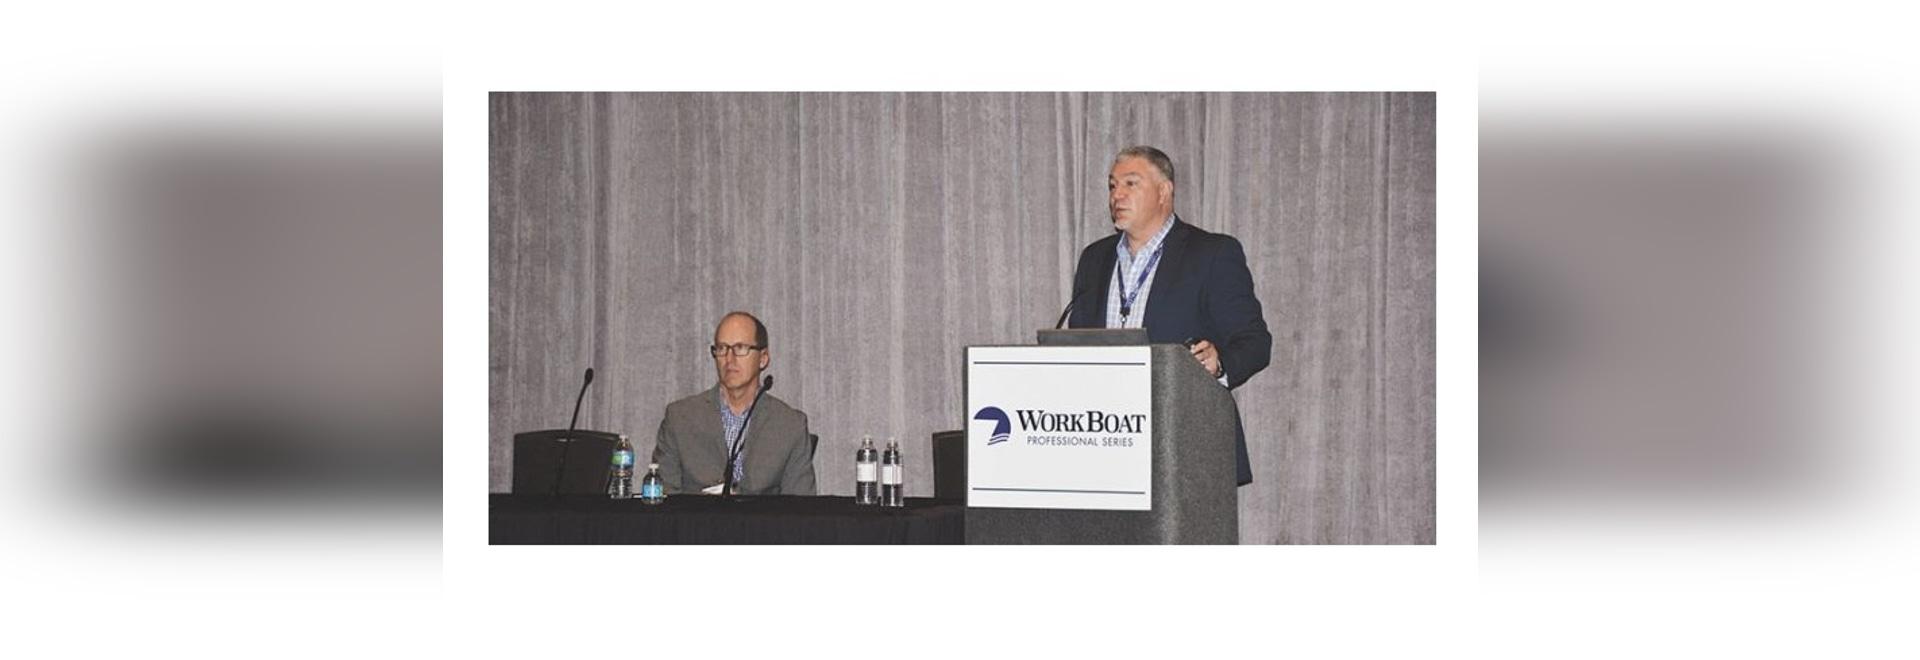 Chris DeWitt (est parti) et Steve Burke discutent le cybersecurity à l'exposition internationale de 2016 WorkBoat. Photo de Doug Stewart.